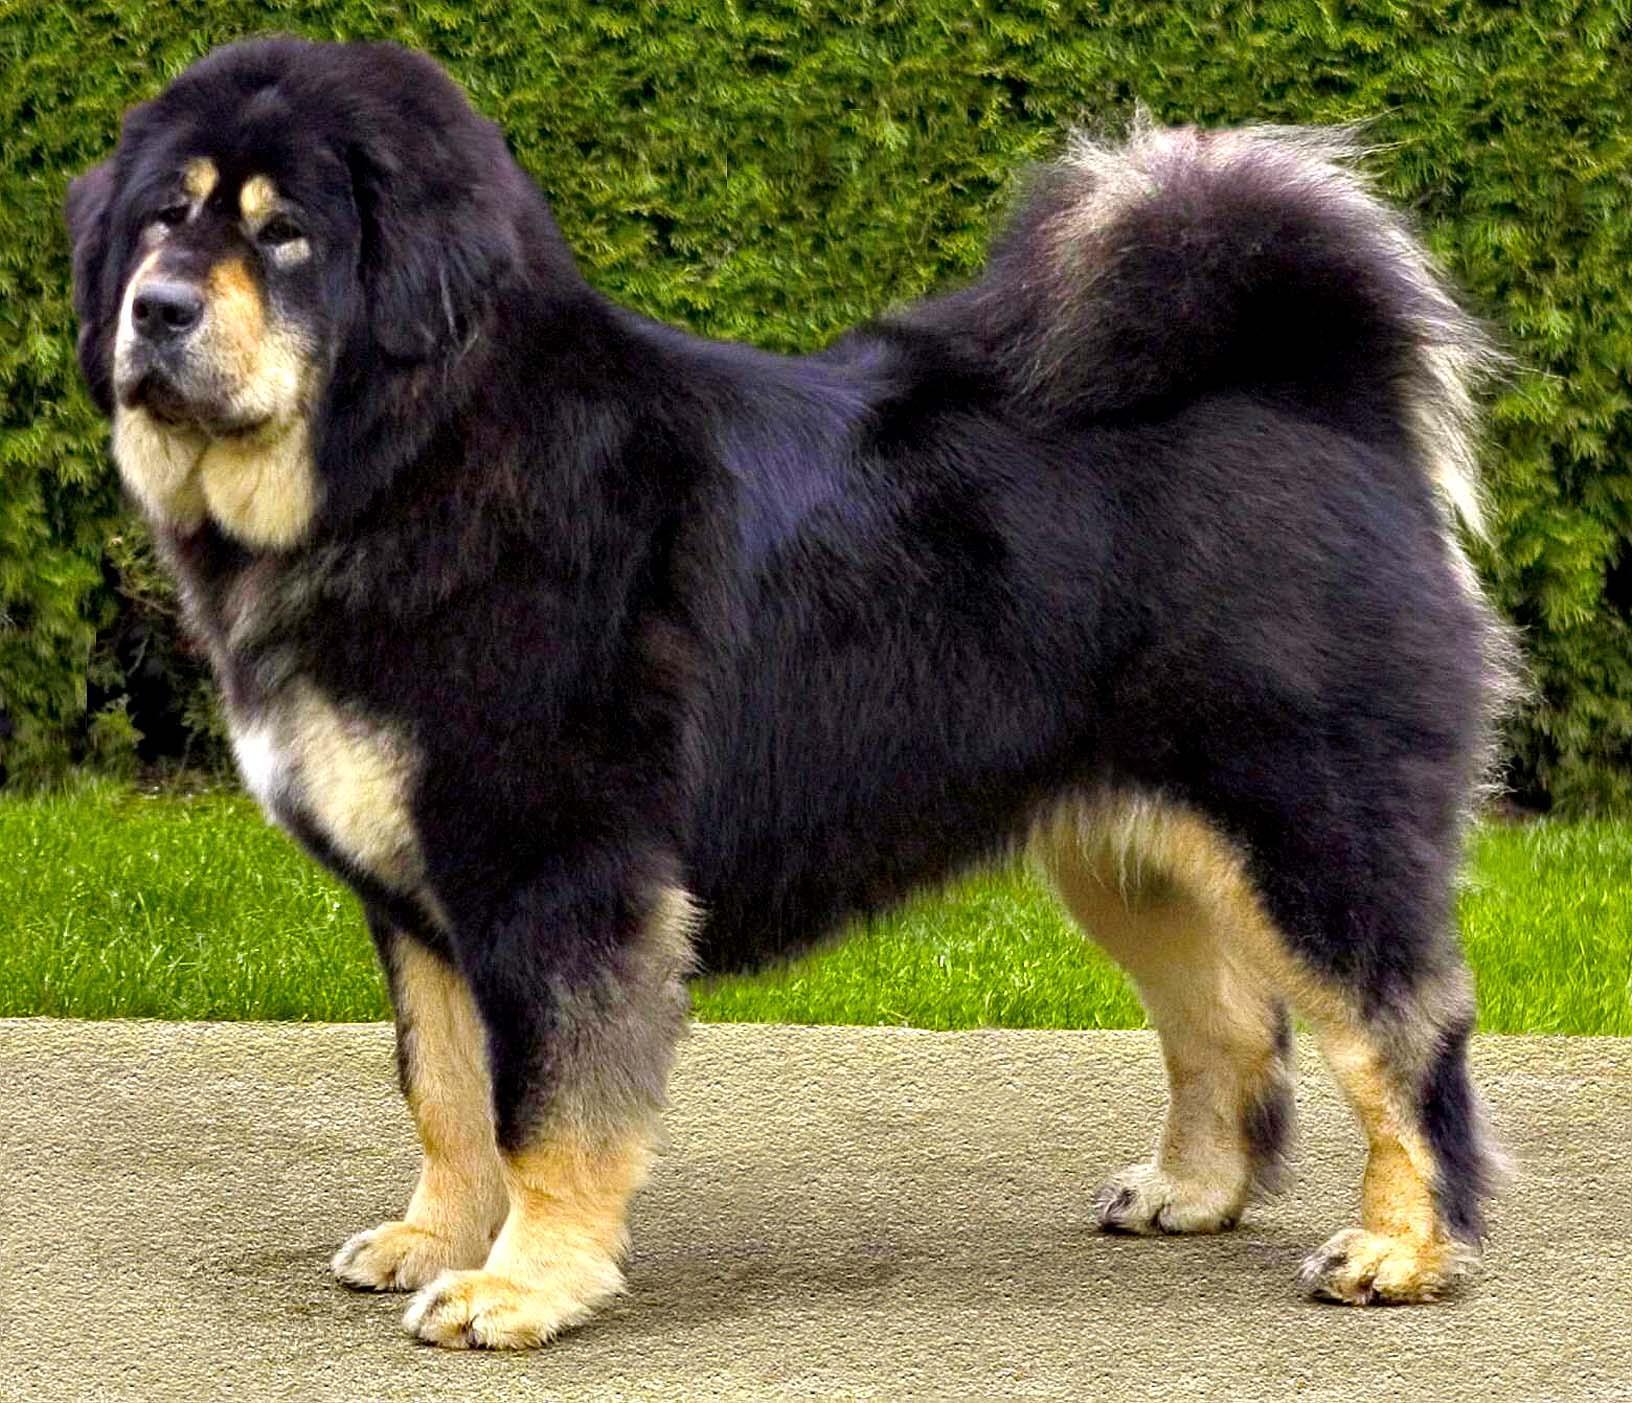 ... del mundo el Mastín Tibetano | Al Día ... Tibetan Mastiff Dog Puppy